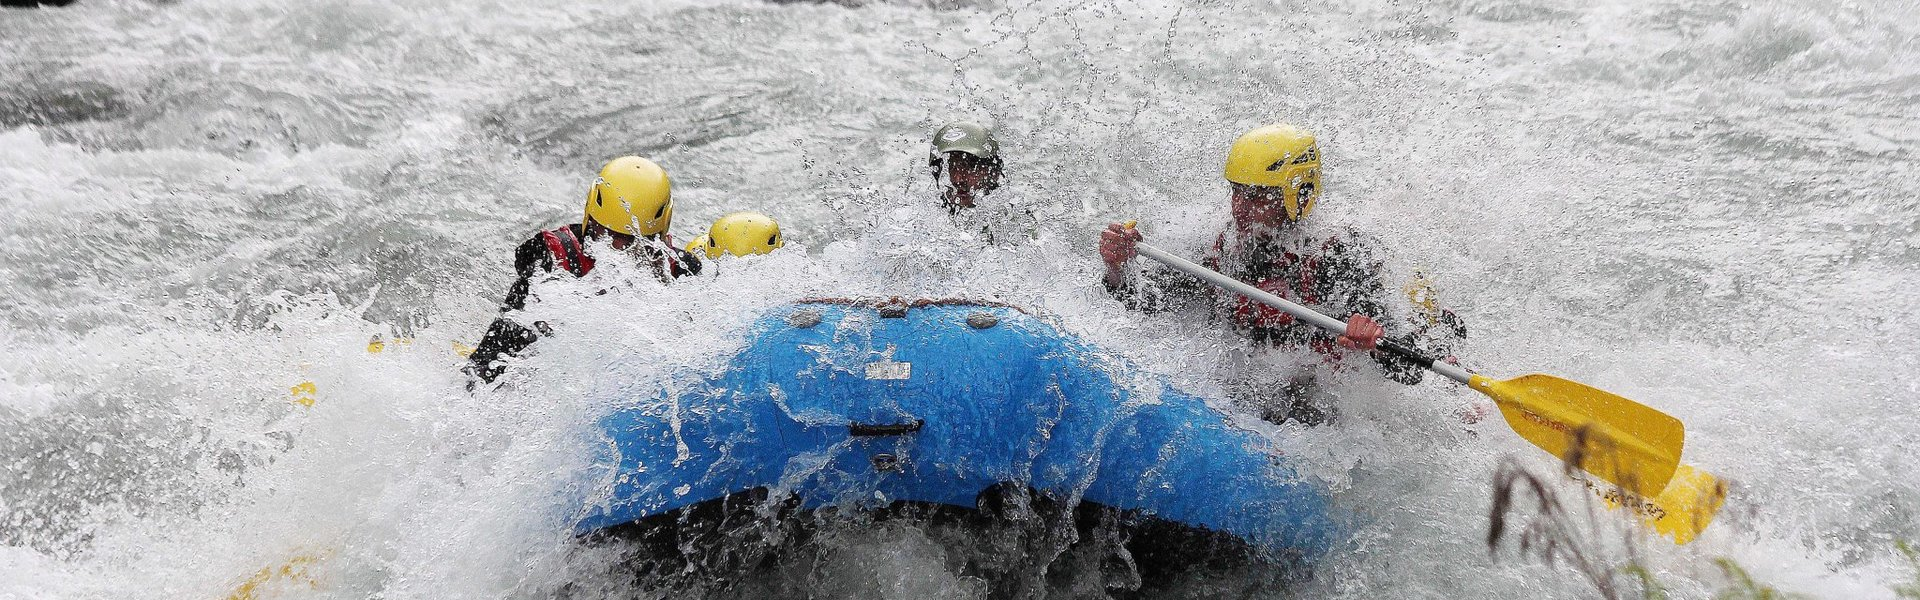 rafting savoie